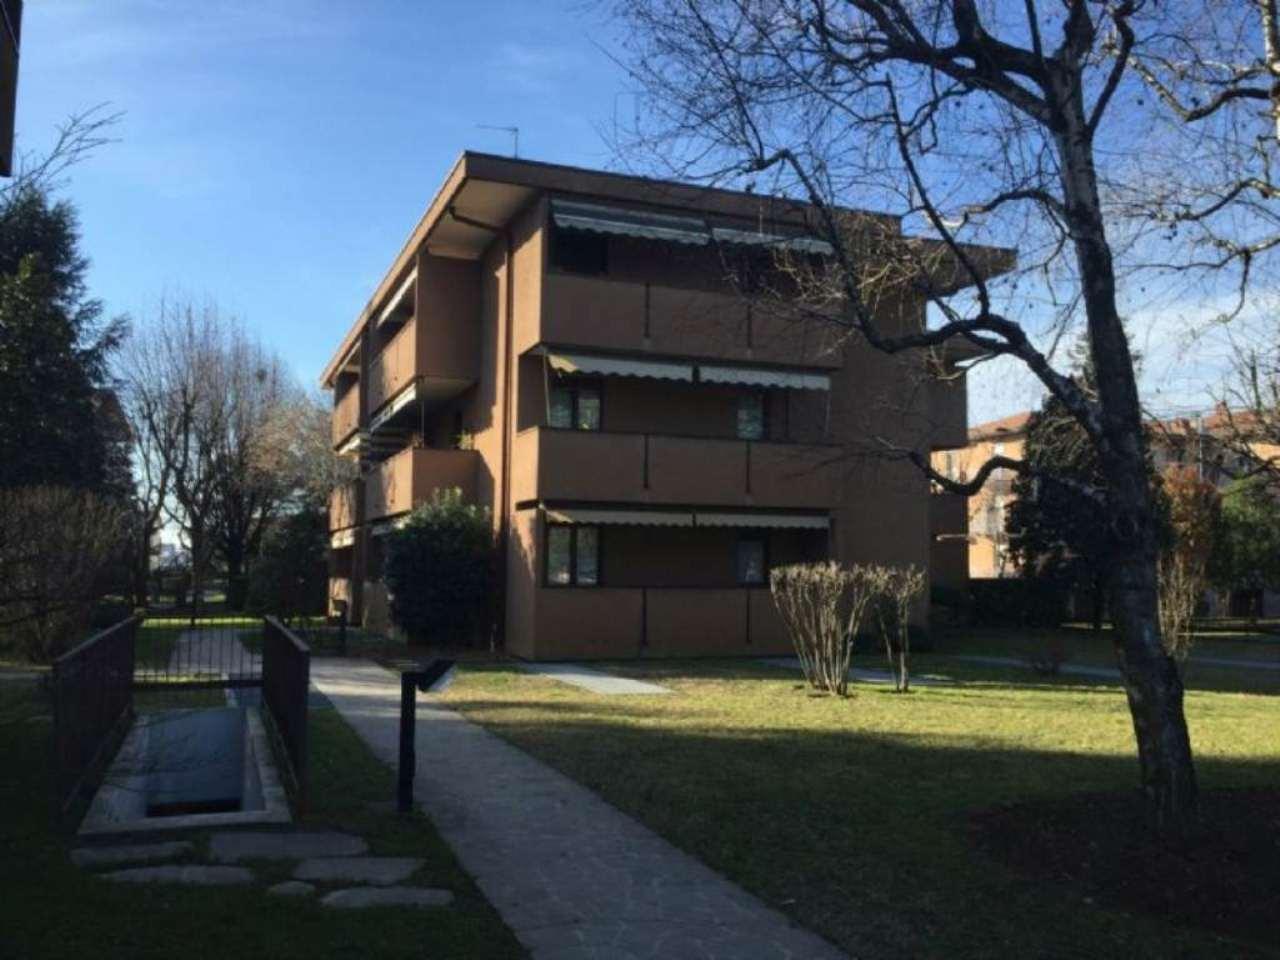 Appartamento in vendita a Curno, 3 locali, prezzo € 190.000 | Cambio Casa.it